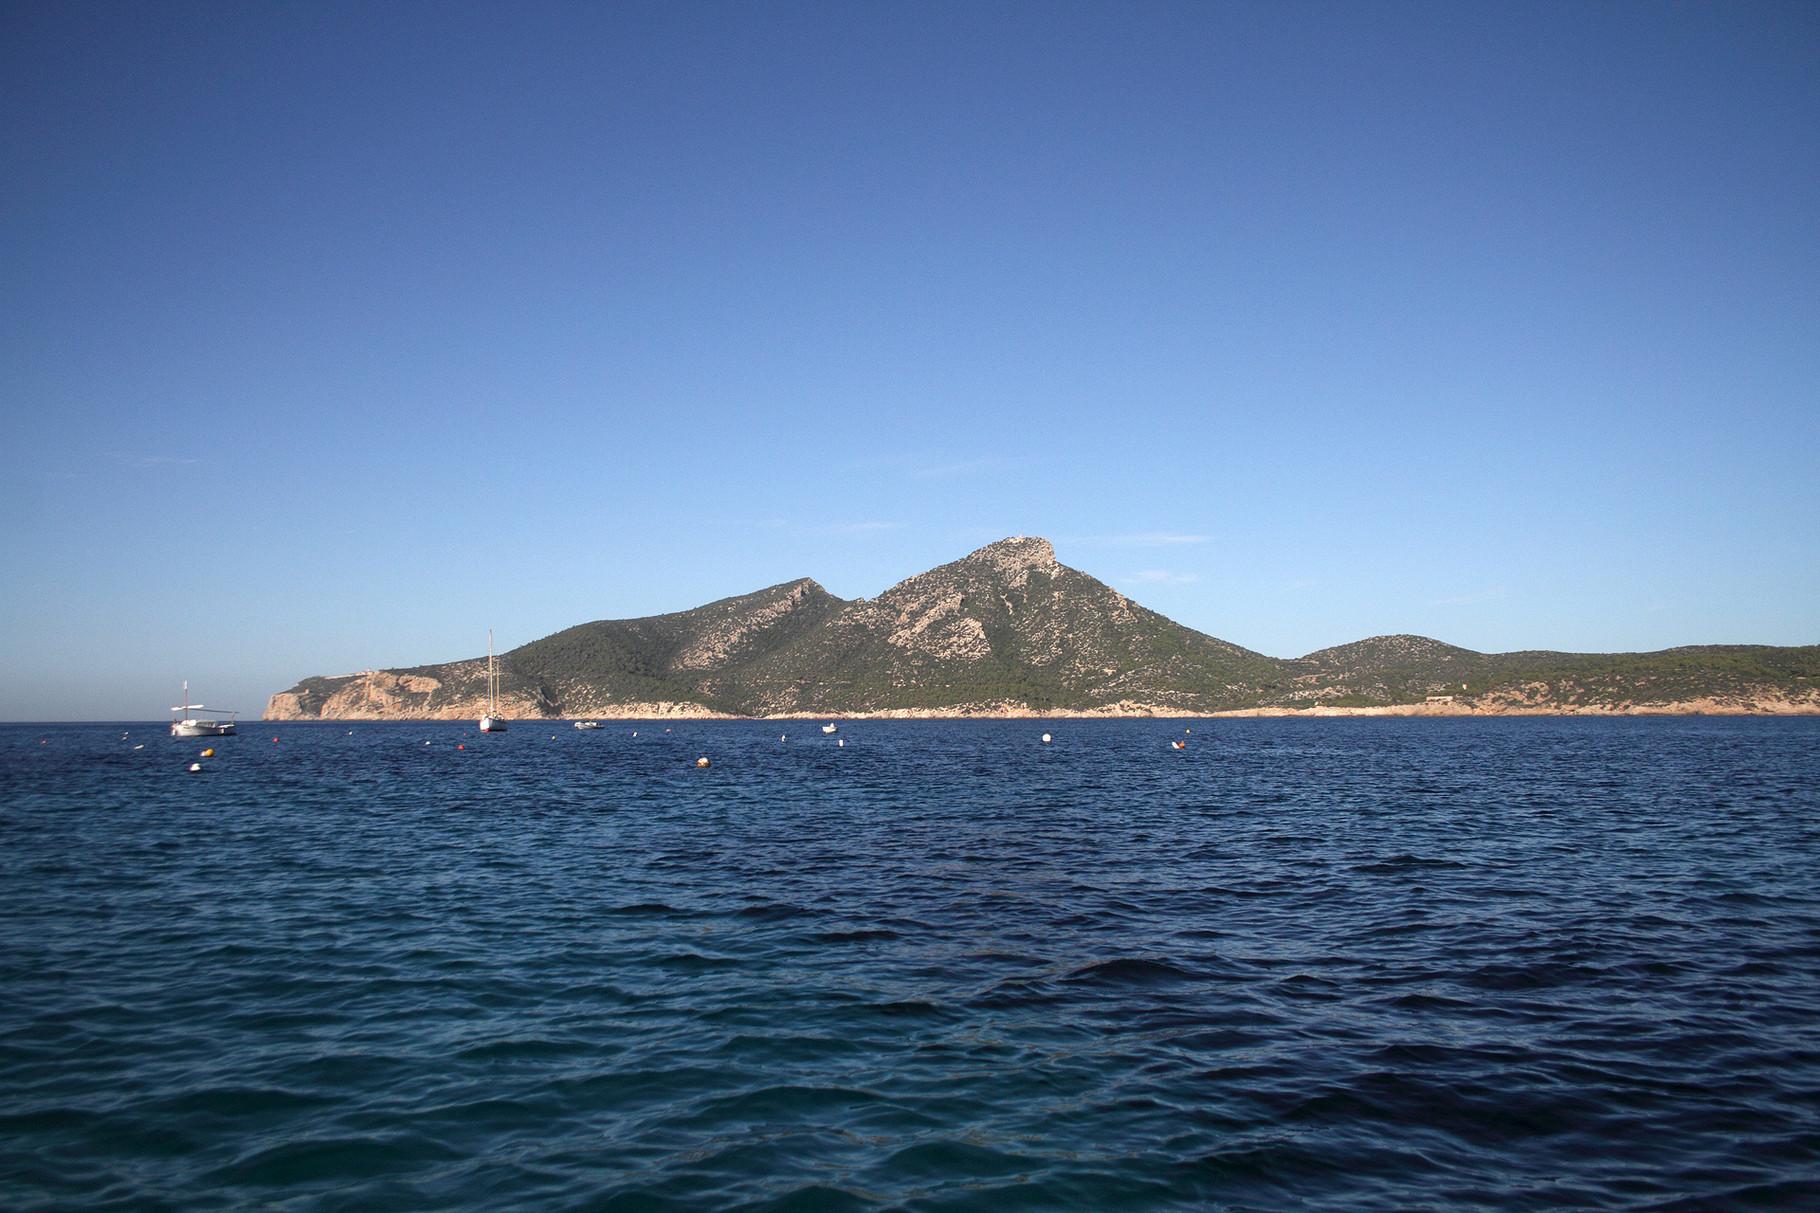 Die kleine Insel Dragonera ist Heimat vieler Eleonorenfalken